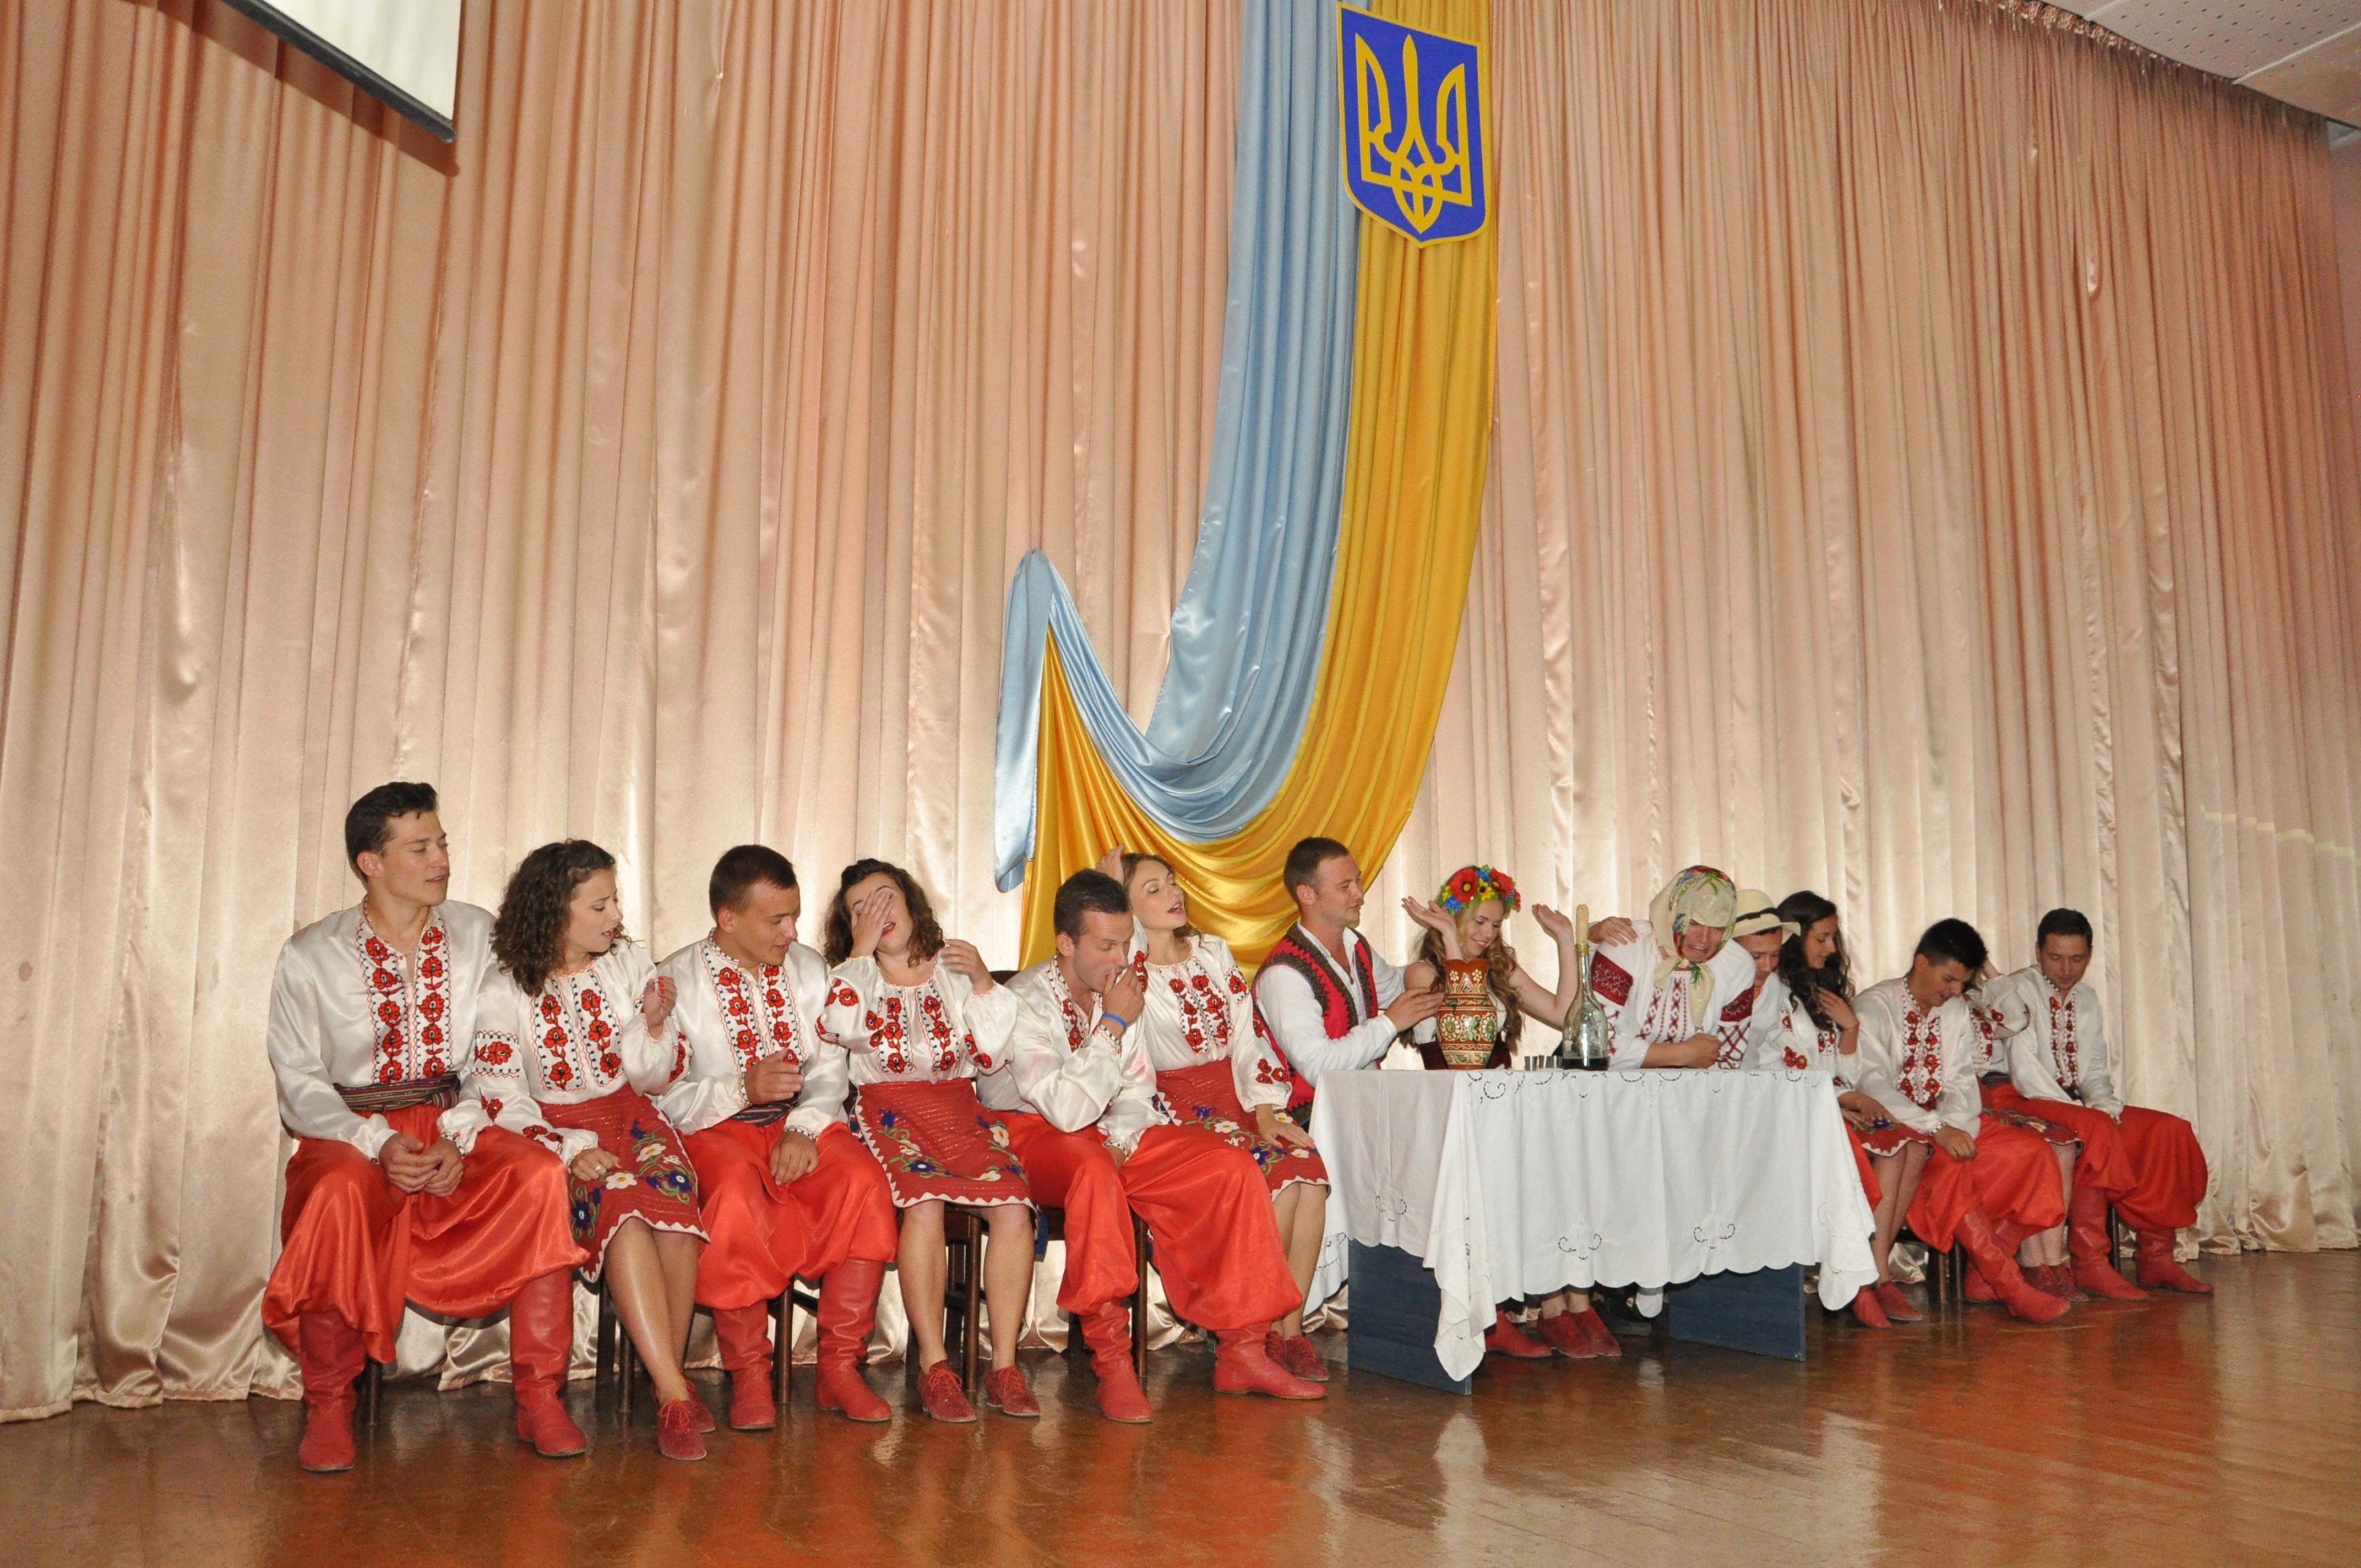 Litni-shkoly-15077544